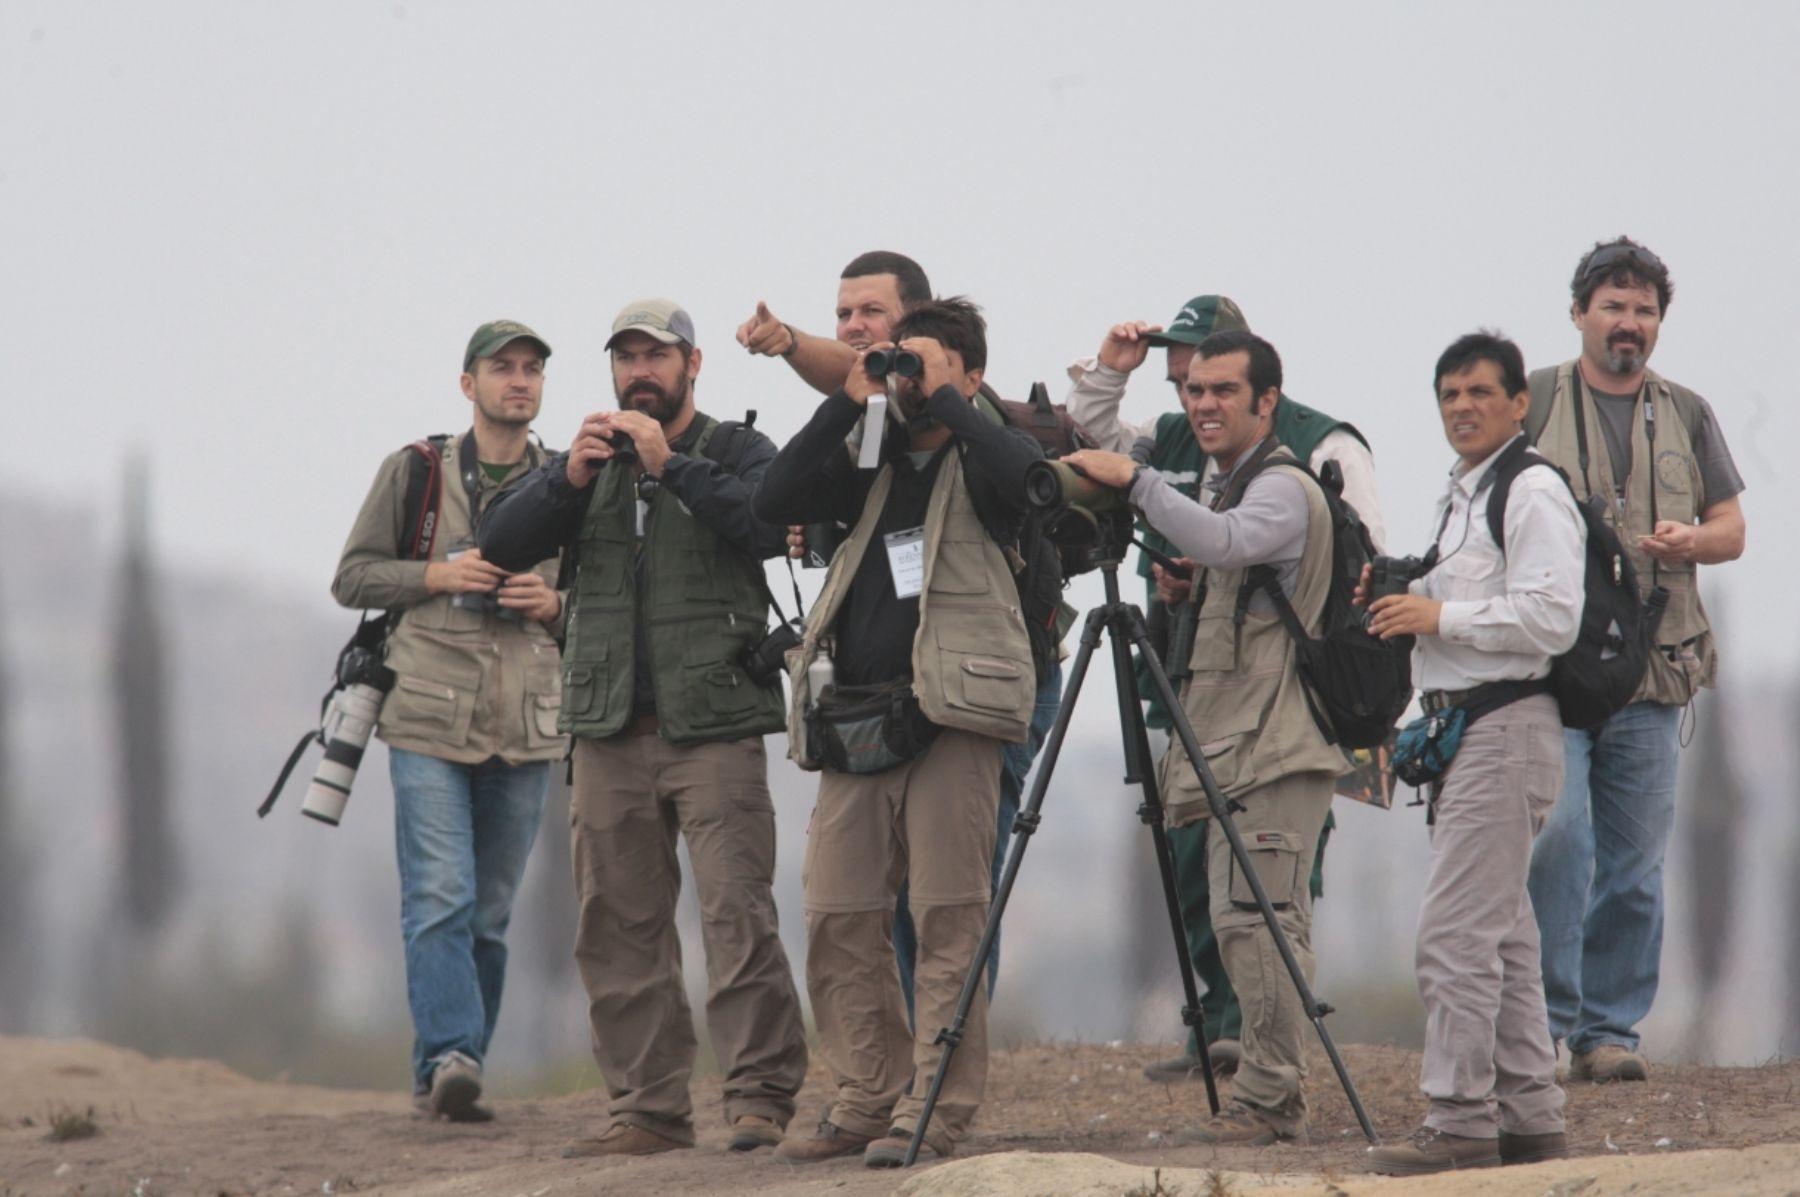 Los más renombrados equipos internacionales de avistamiento de aves visitarán Perú nuevamente para participar en una competencia mundial.